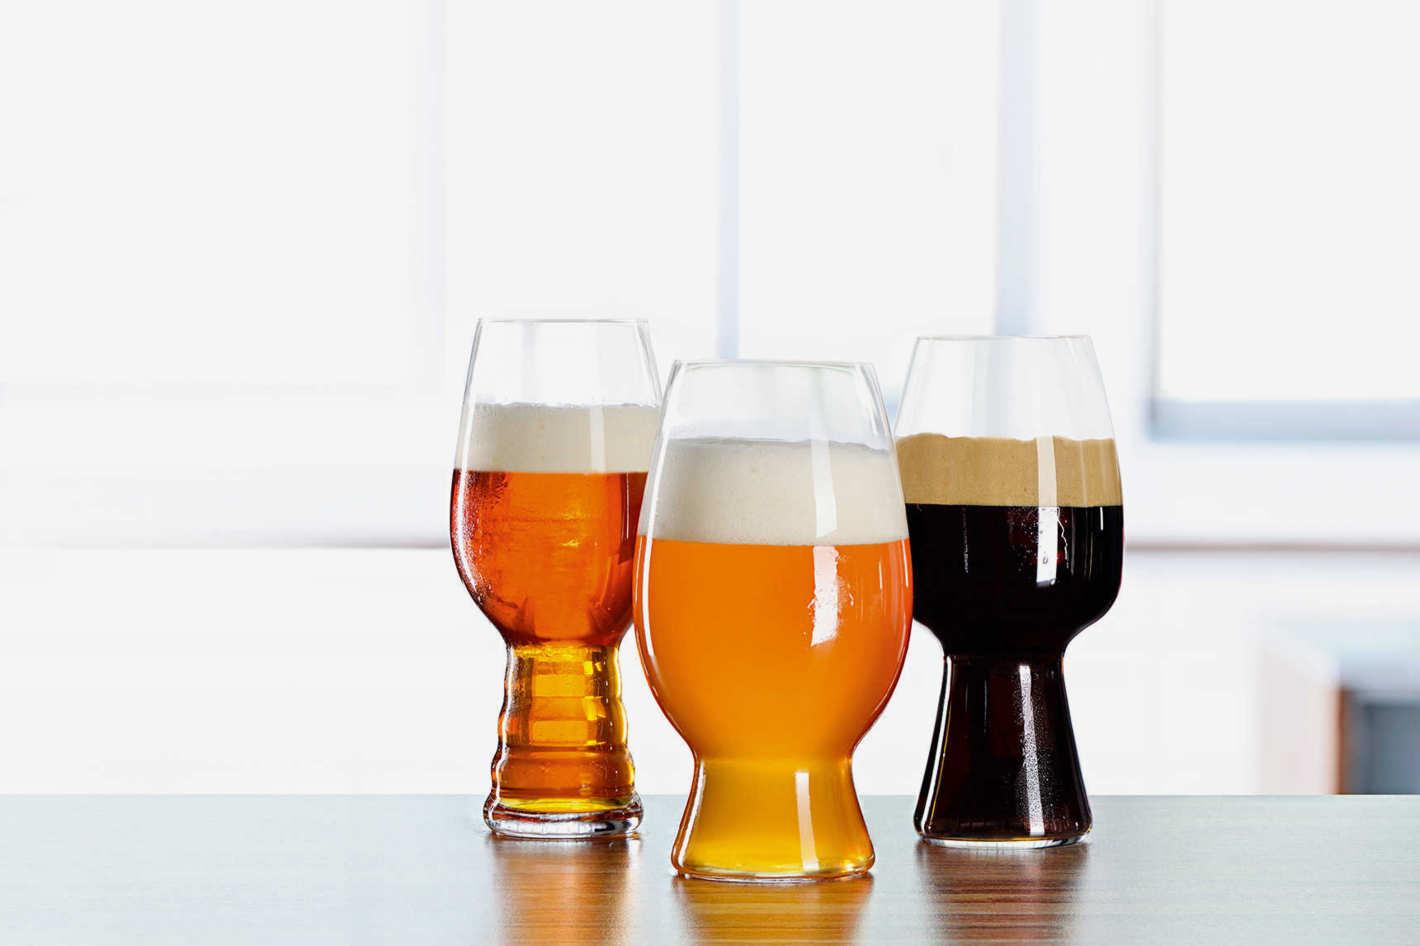 Spiegelau 3-Piece Craft Beer Tasting Kit